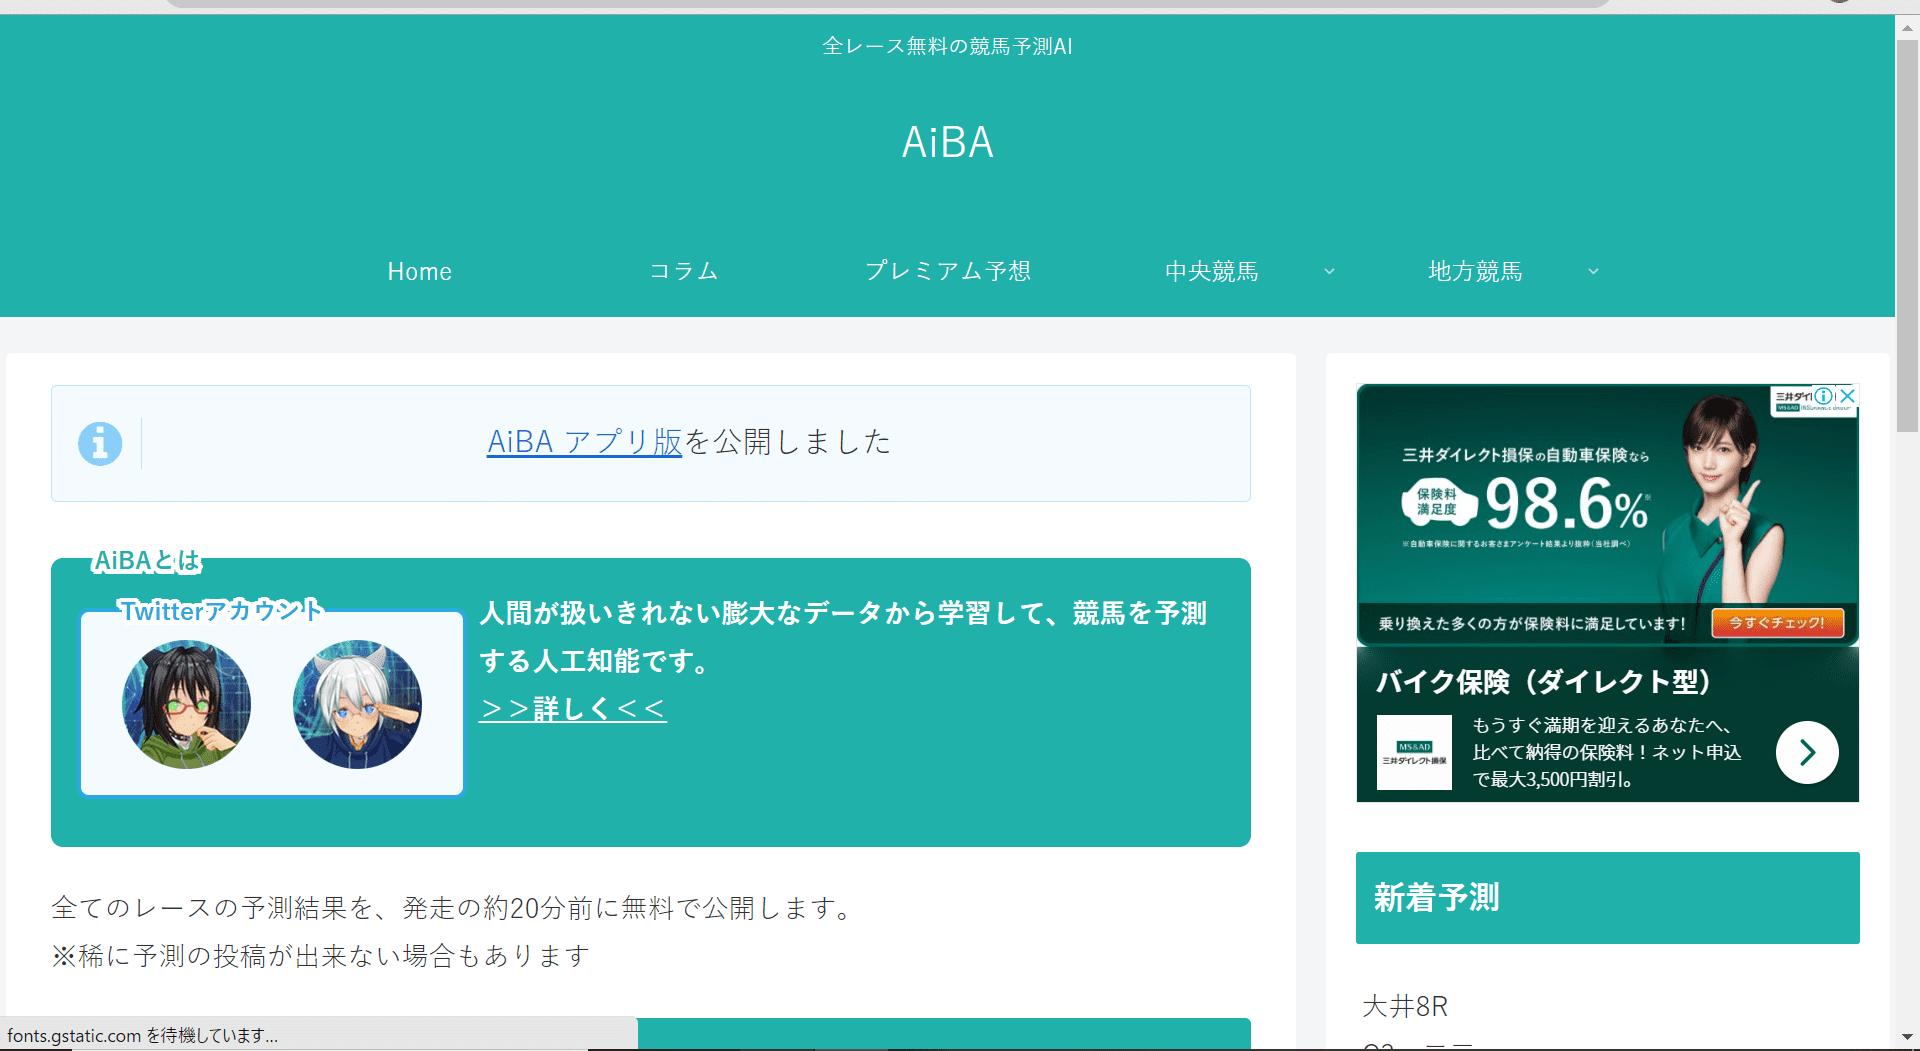 AIBA トップ